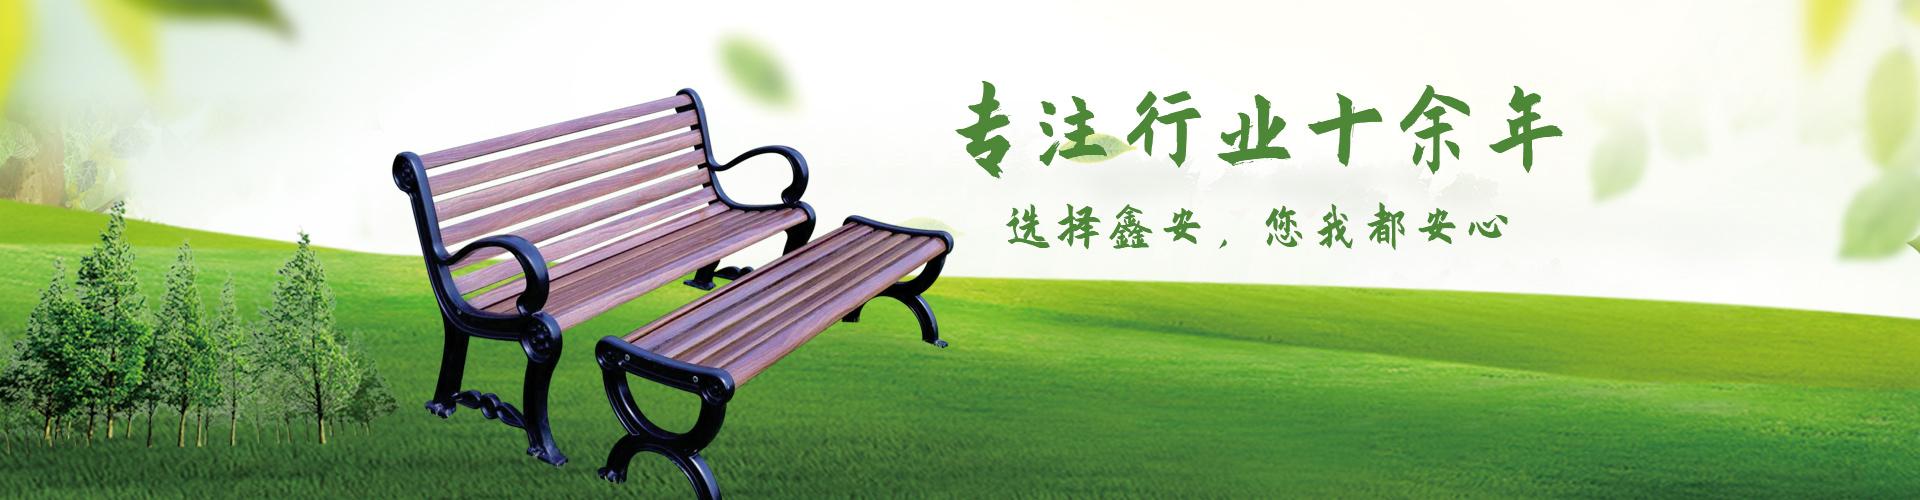 重庆休闲椅